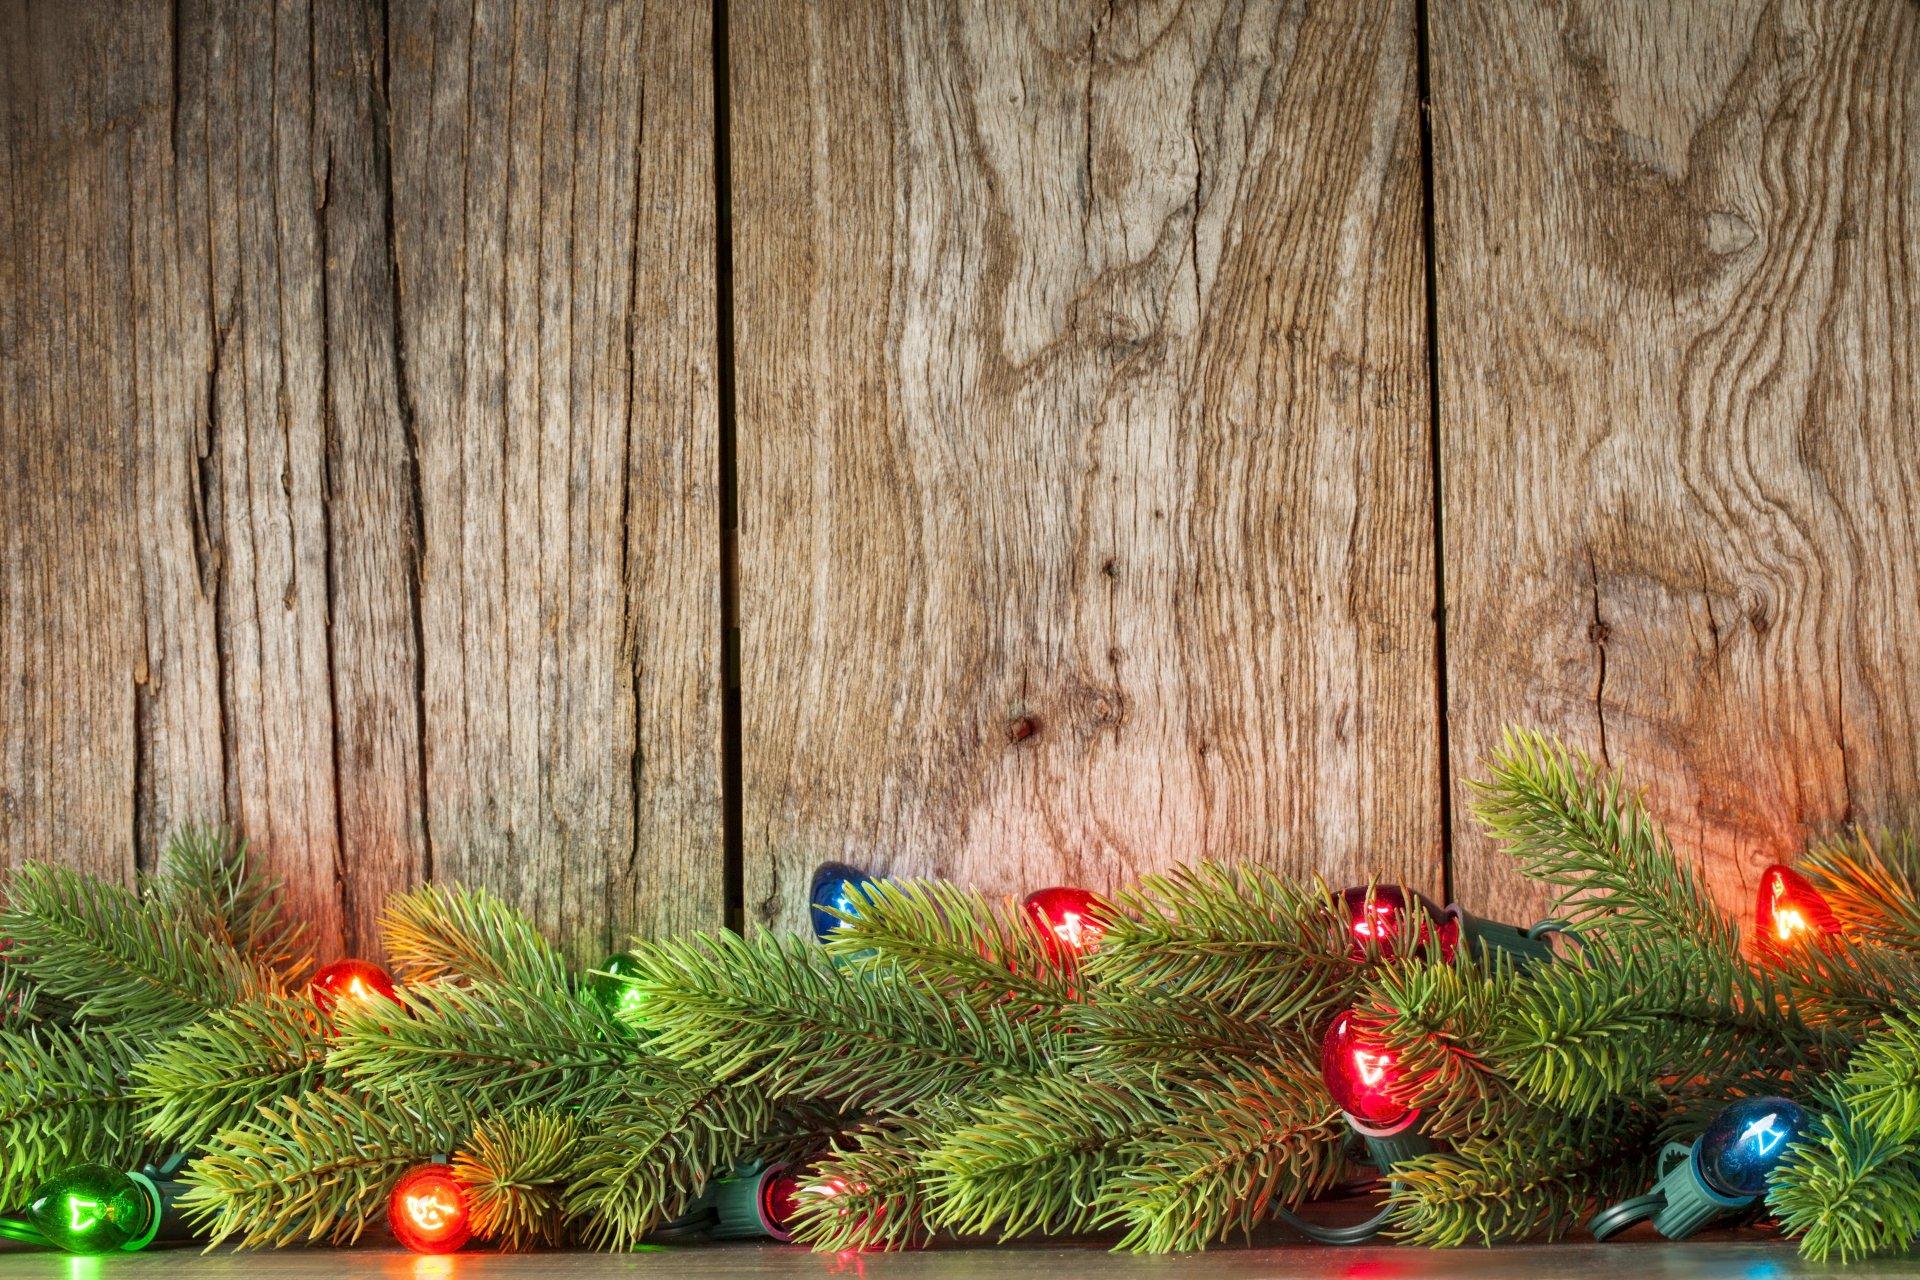 Картинки новый год фон дерево